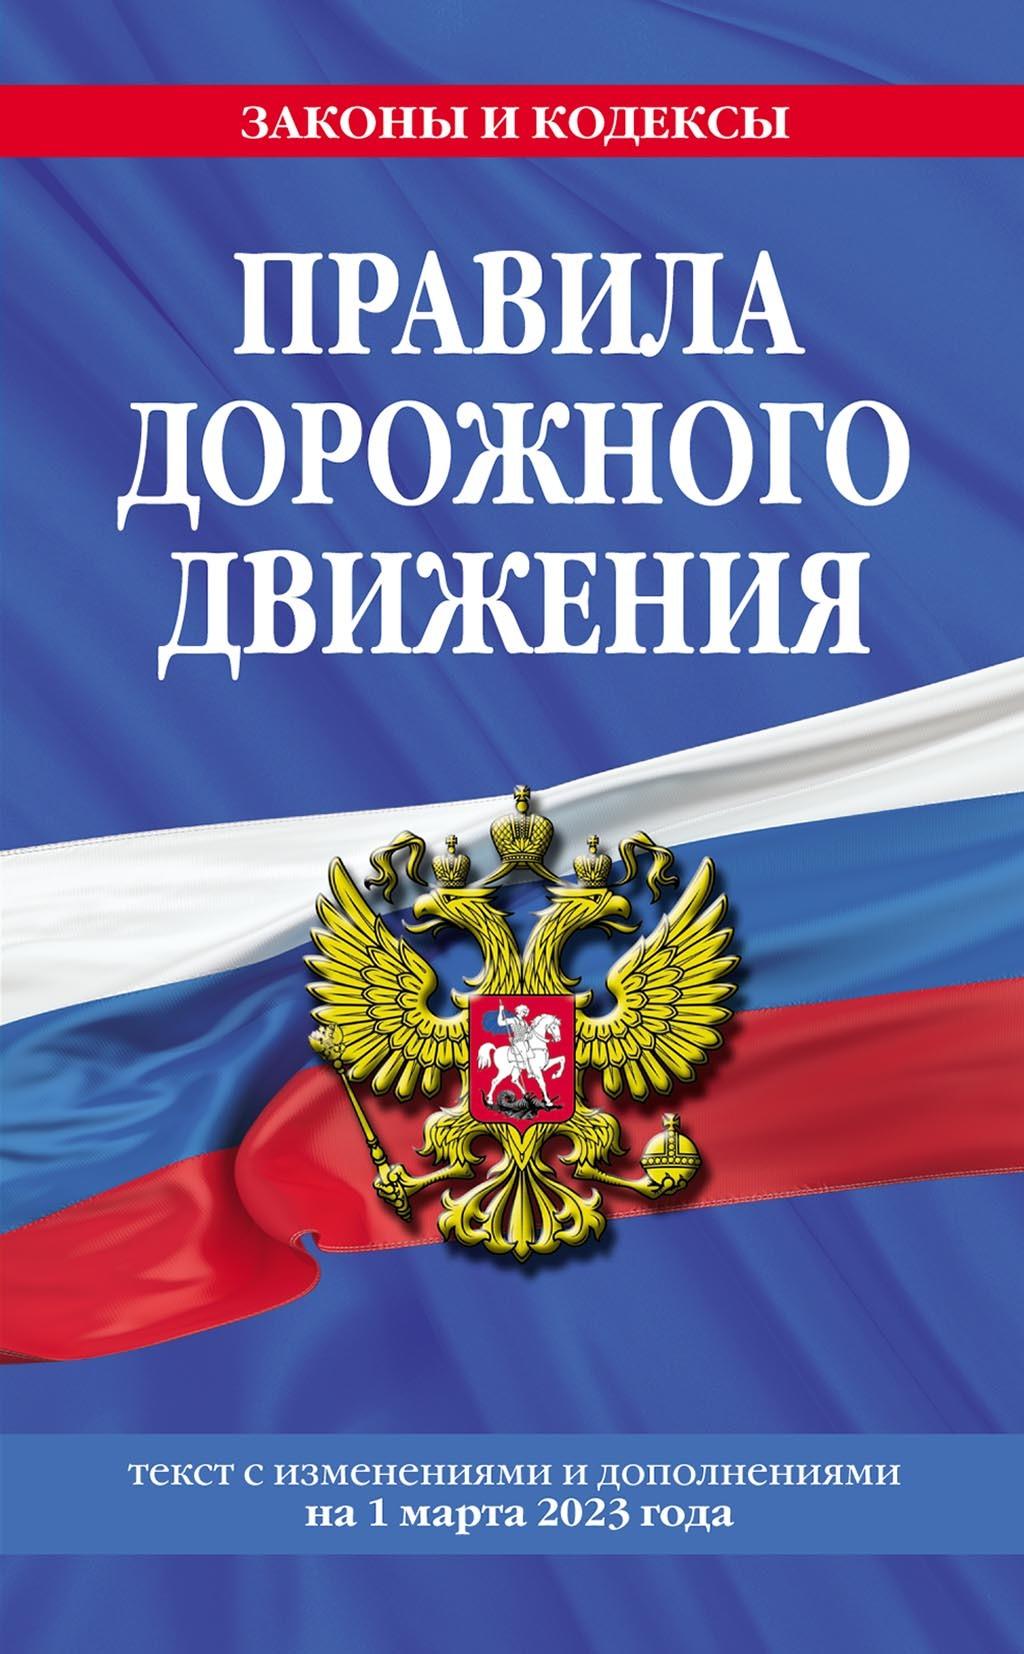 Отсутствует Правила дорожного движения по состоянию на 2020 год правила дорожного движения российской федерации по состоянию на 2018 год